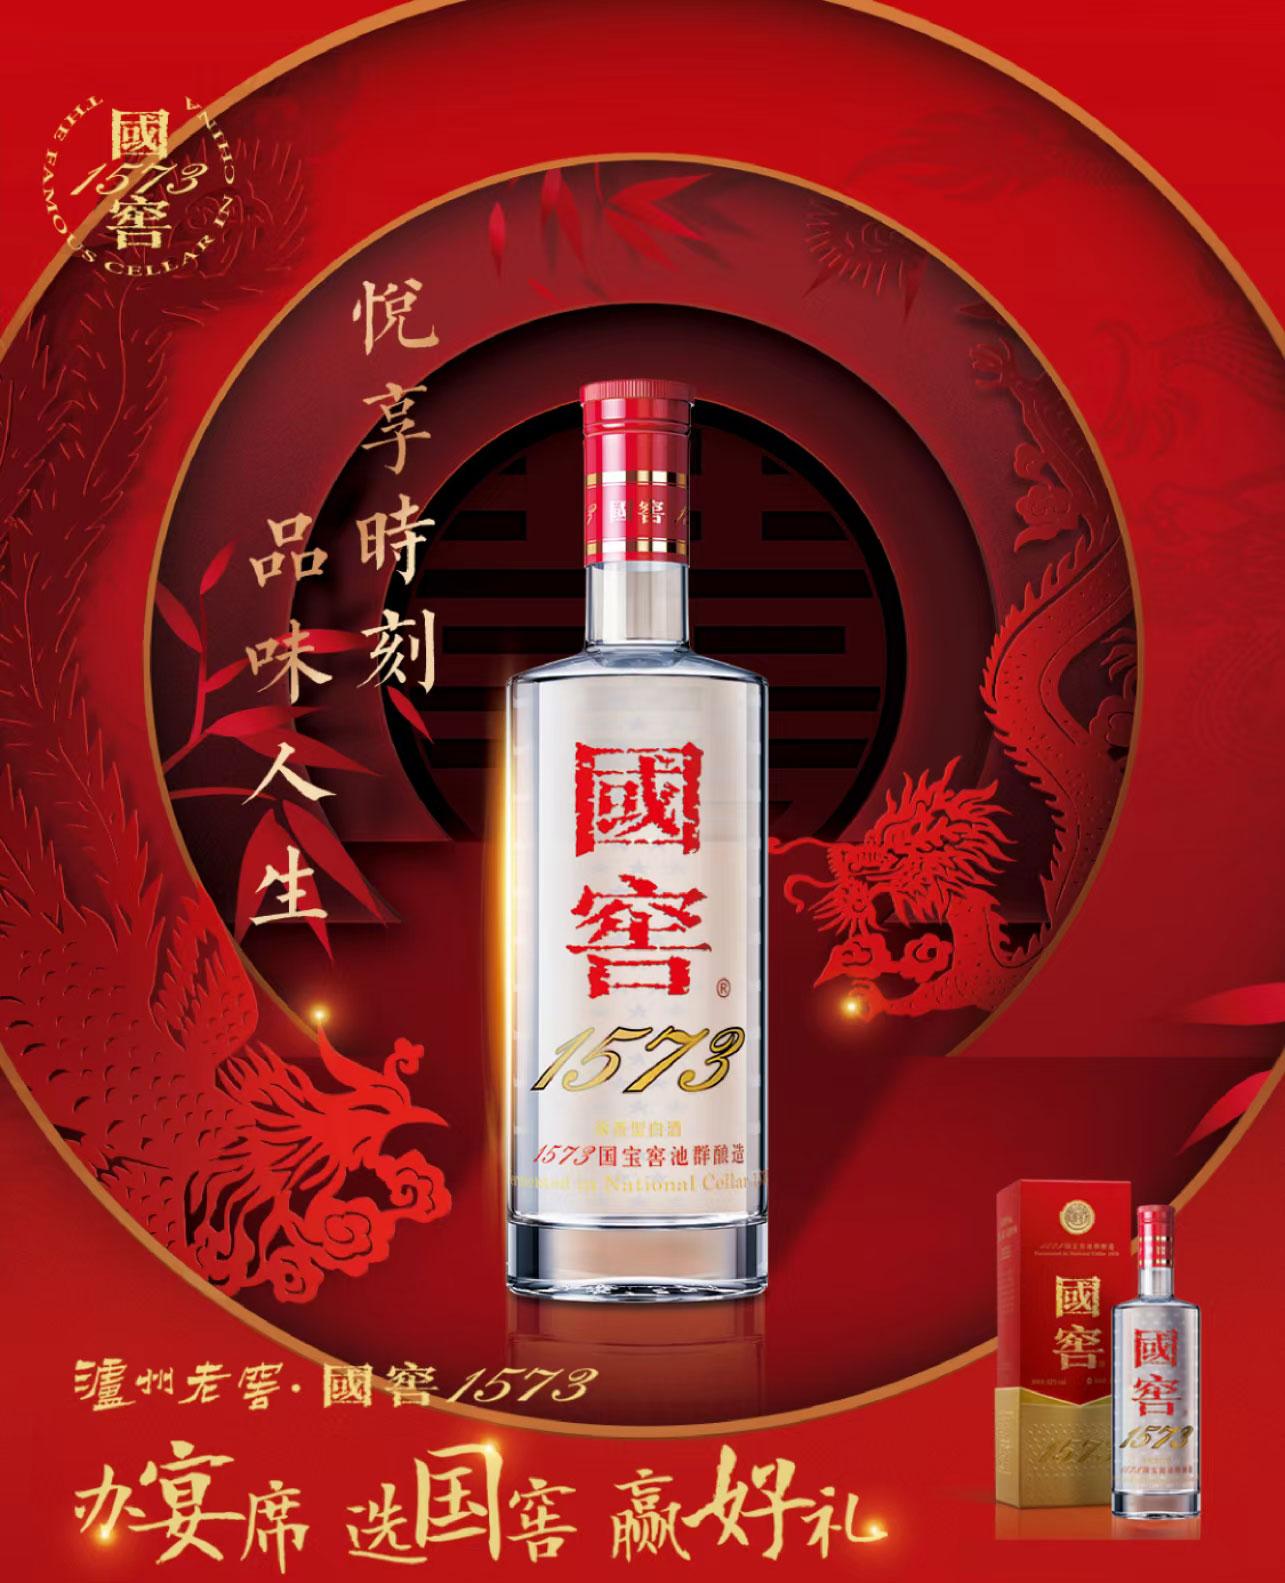 青�u客喜�硐蹭�-��酒糖�9�-�o州老窖-��窖1573-2021年度52度�典�b宴席政策(青�u)